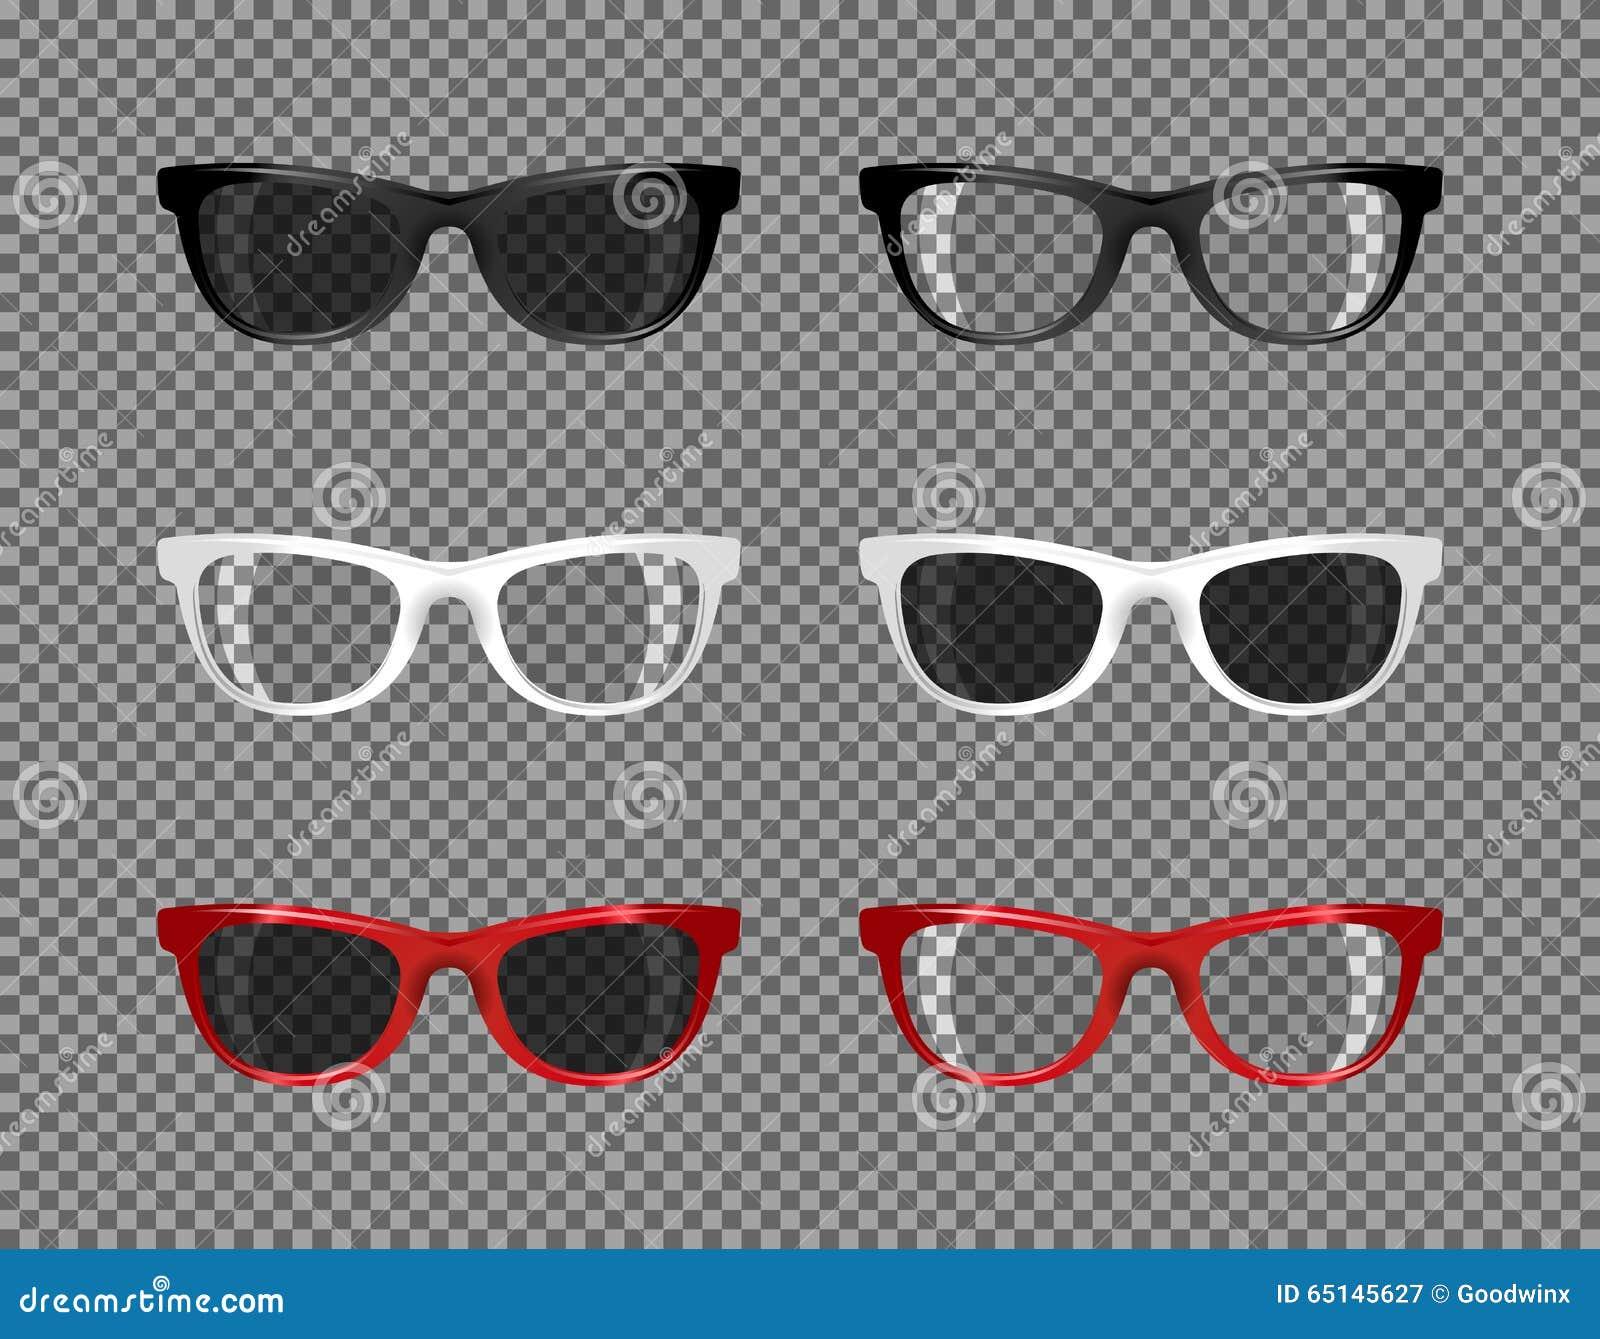 Azione Degli Sole Traslucidi Da Insieme Per Occhiali Delle 3FKJu1Tcl